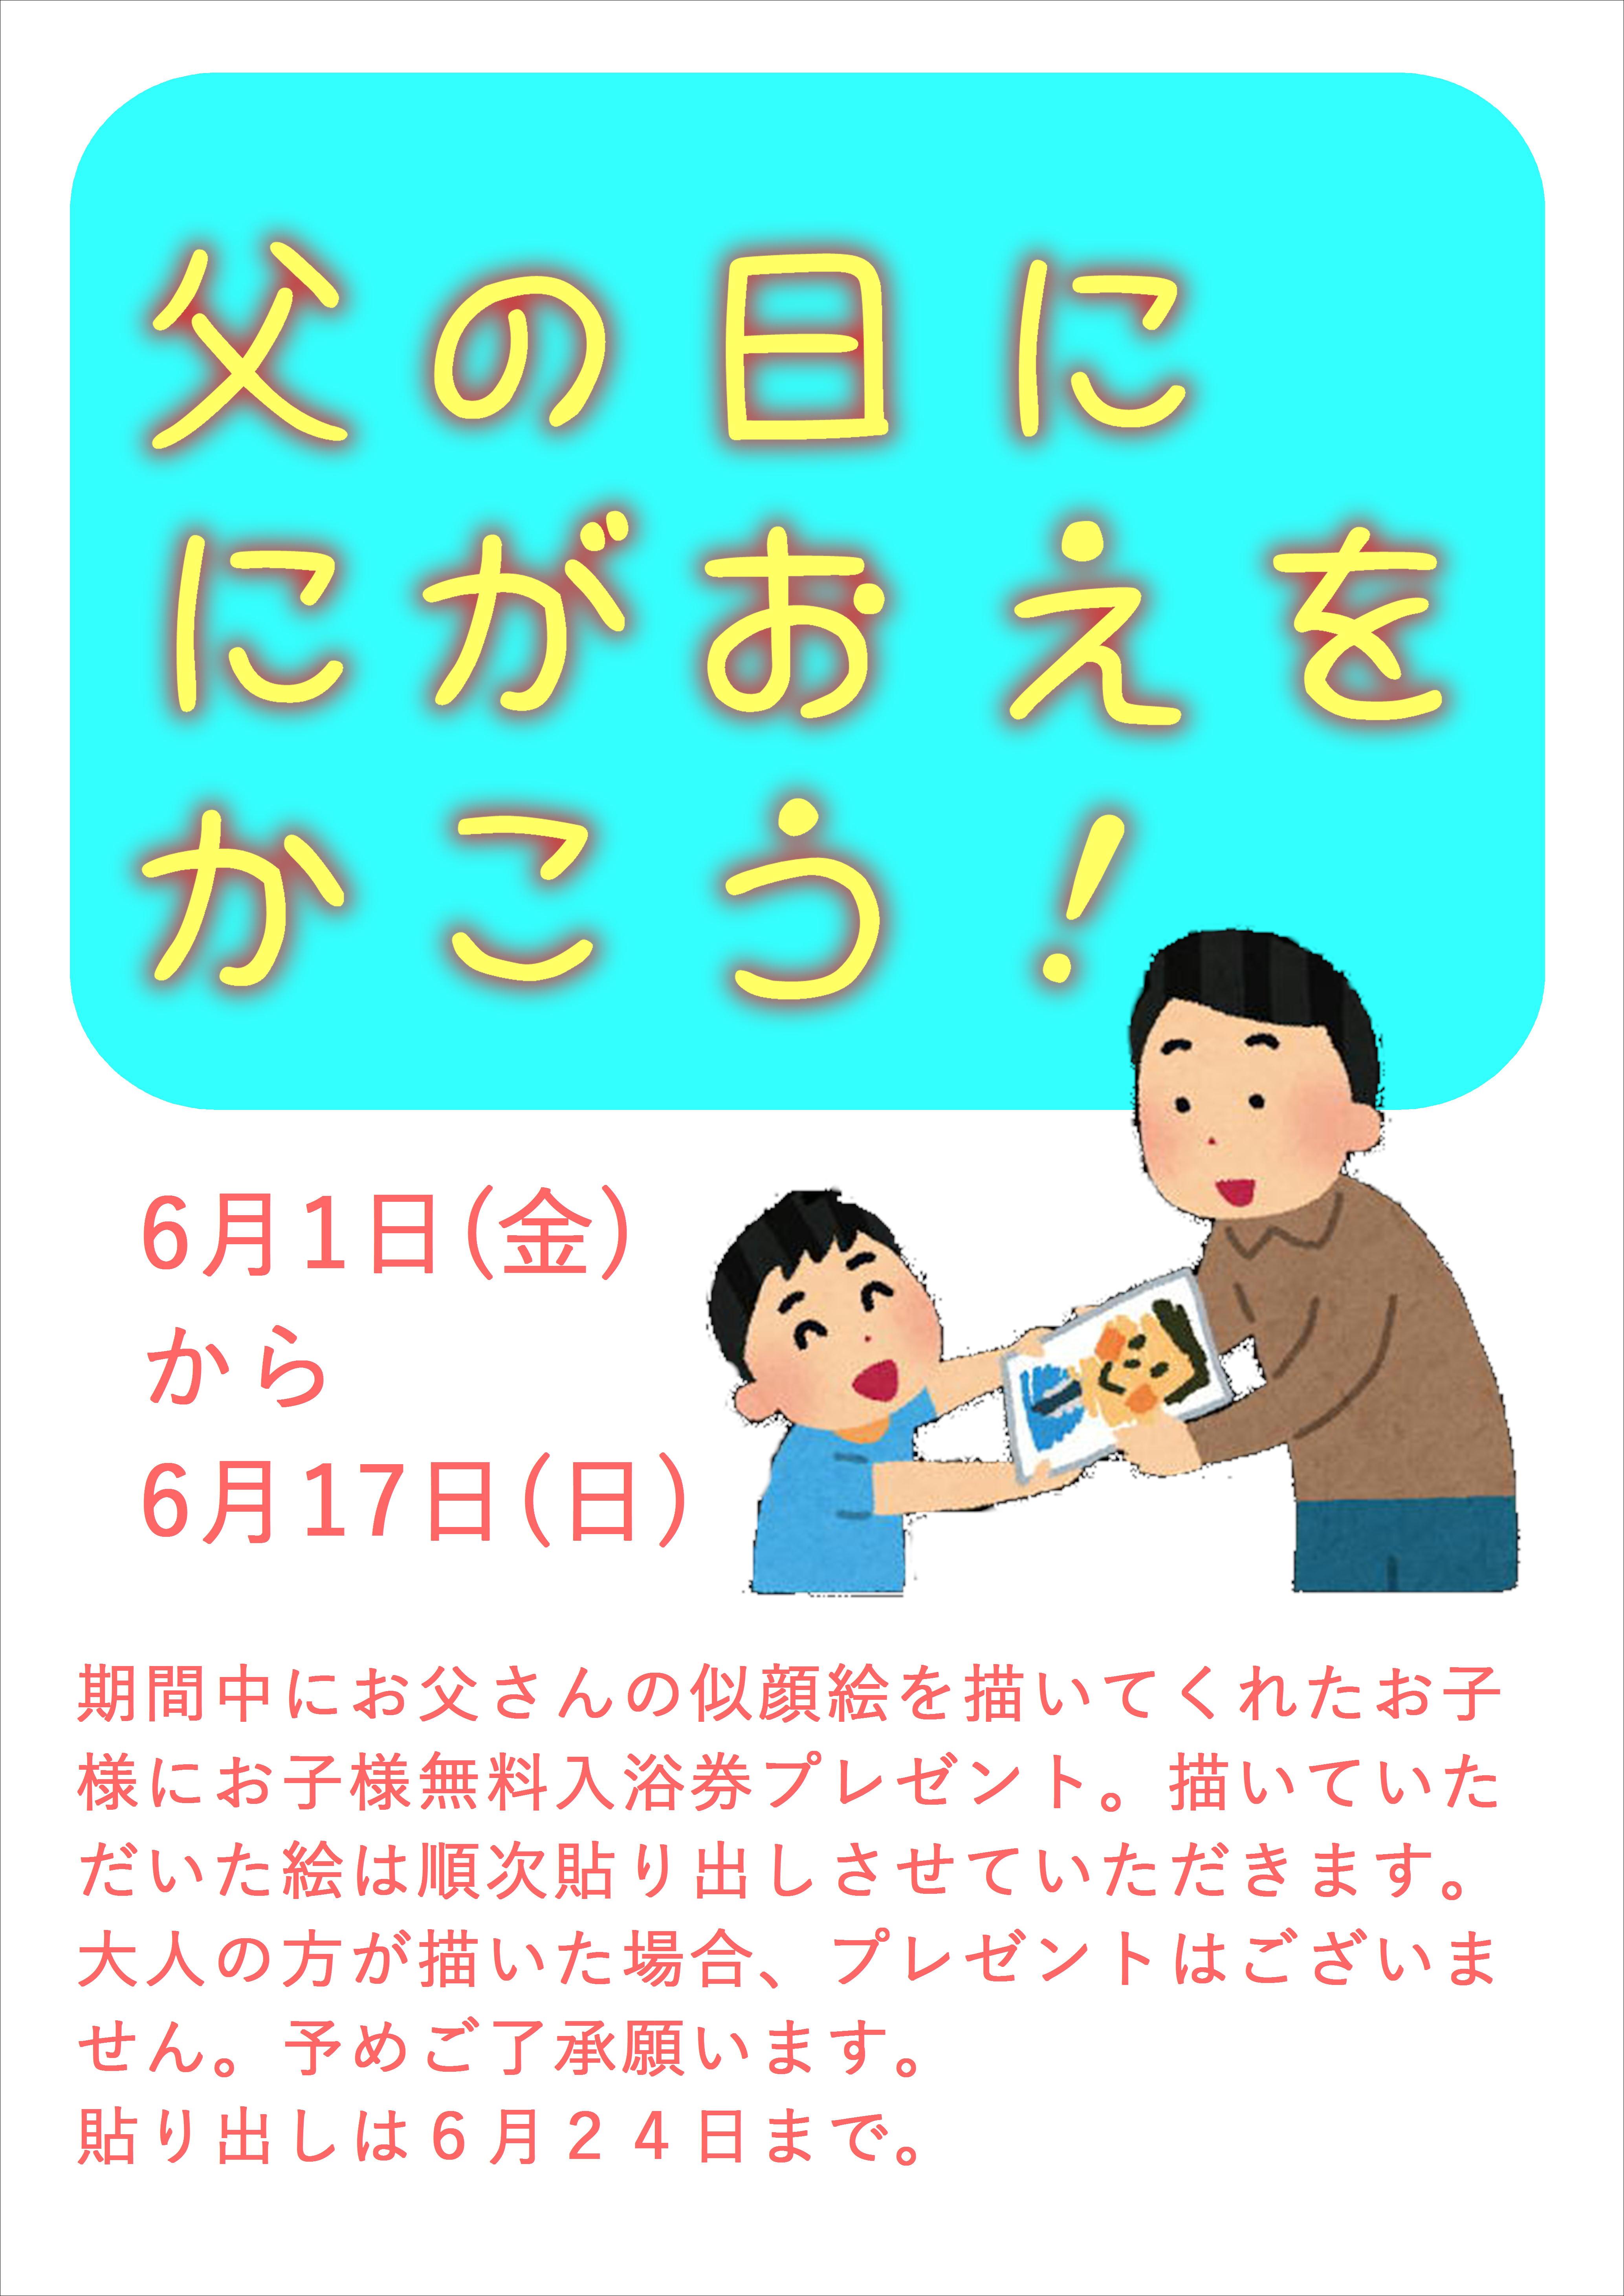 お父さんの似顔絵をかこう!6月1日(金)~6月17日(日)